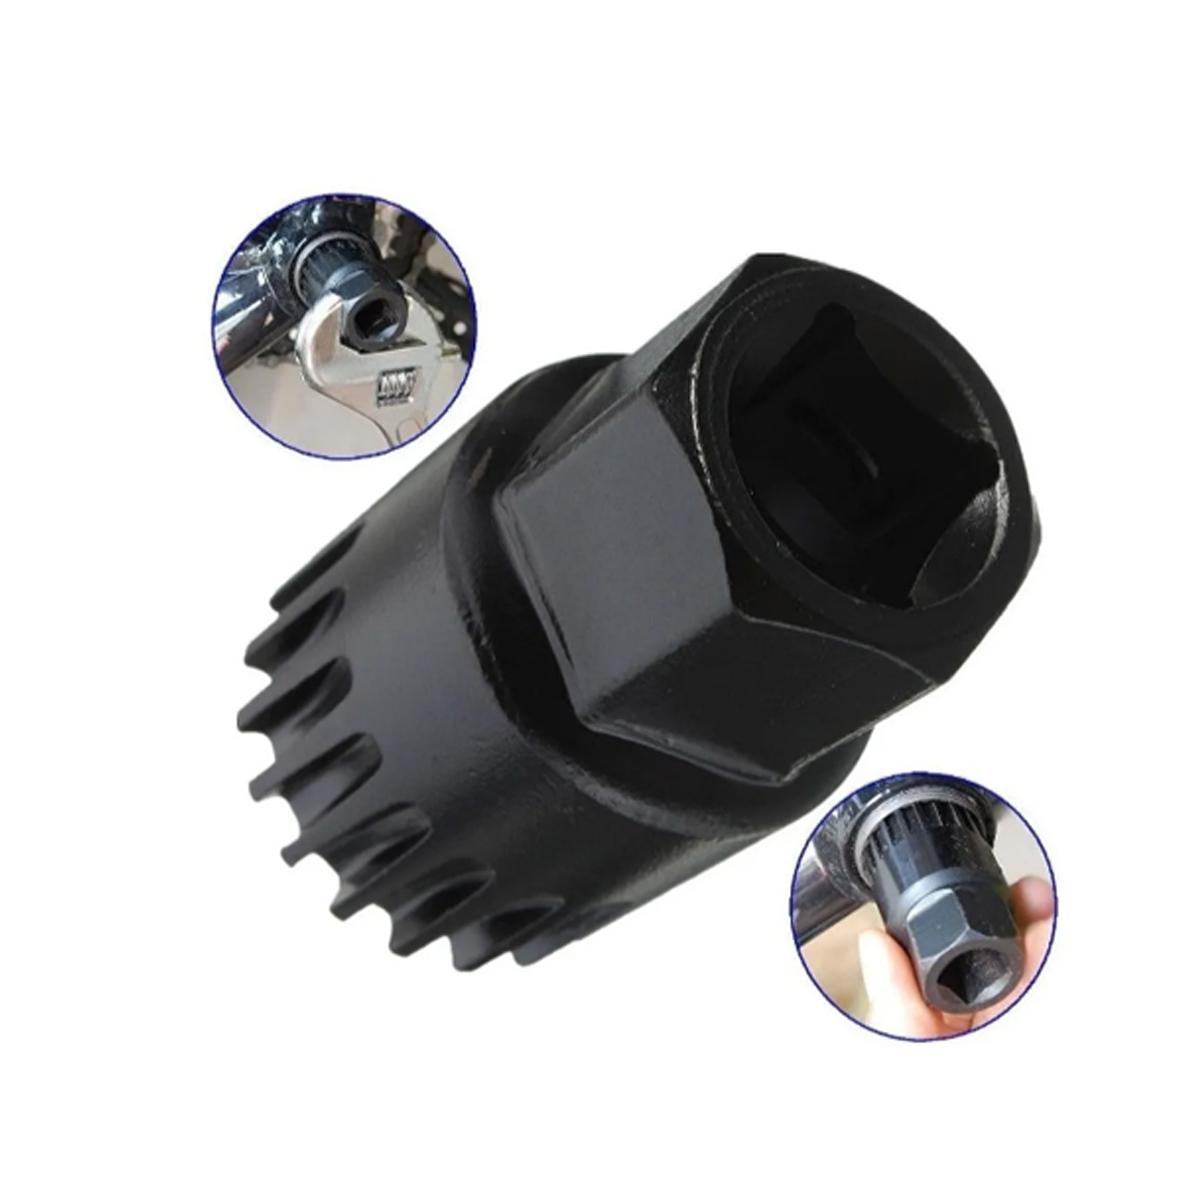 Chave Extrator Movimento Centro Selado Central KL-9706A